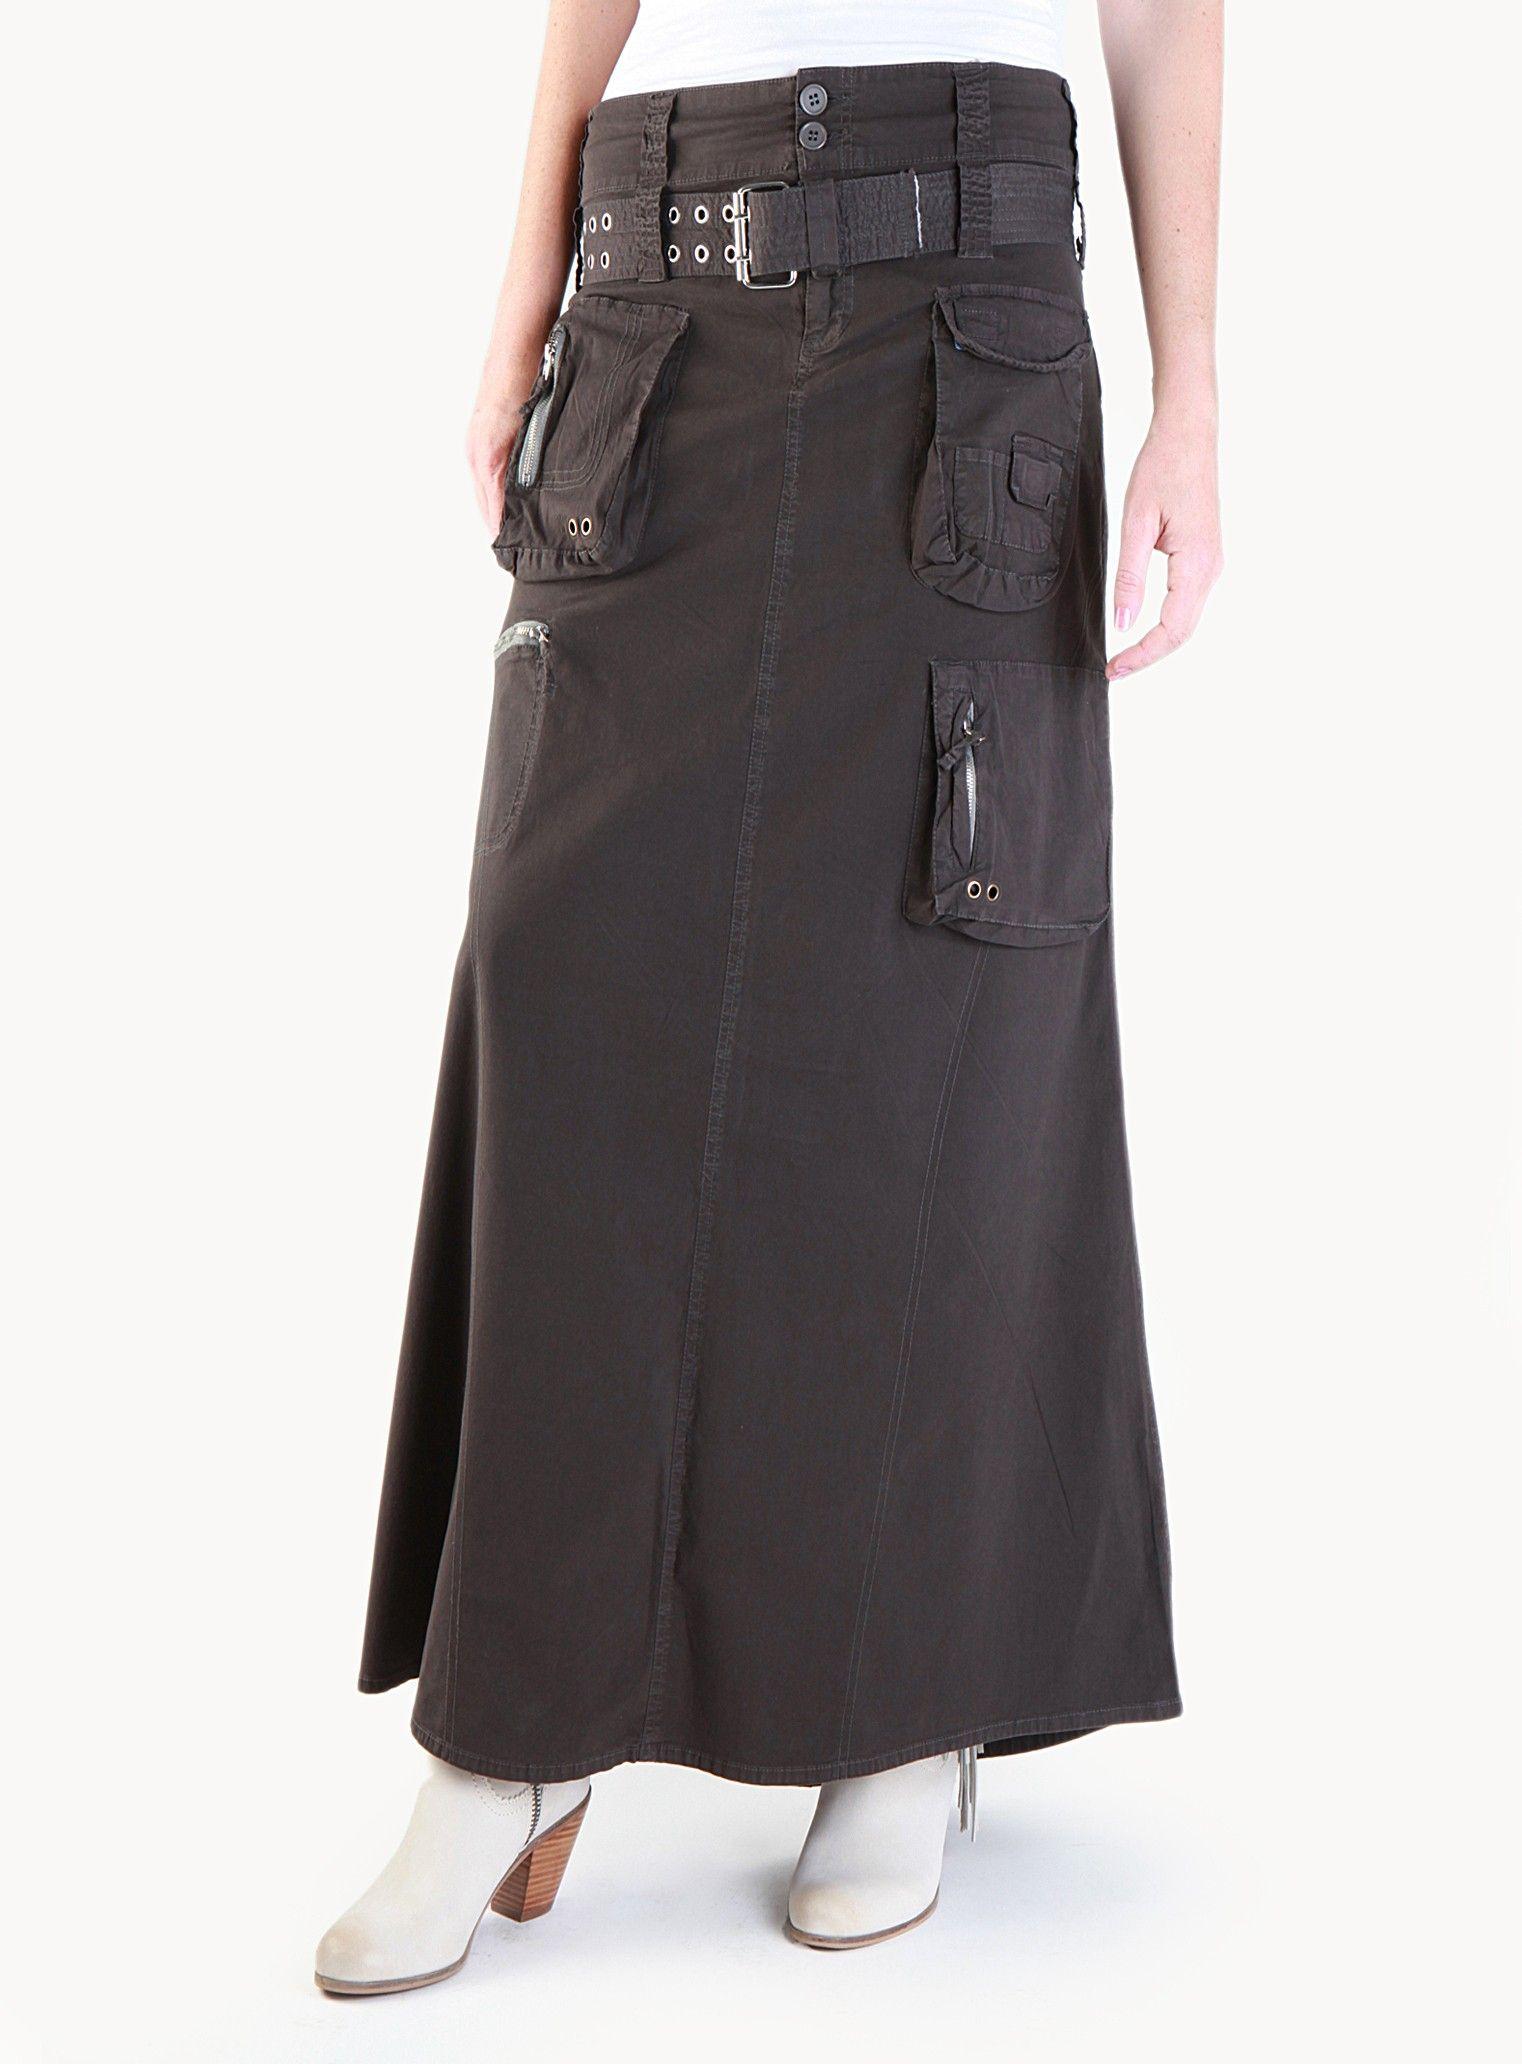 Cargo Skirt Pattern 10